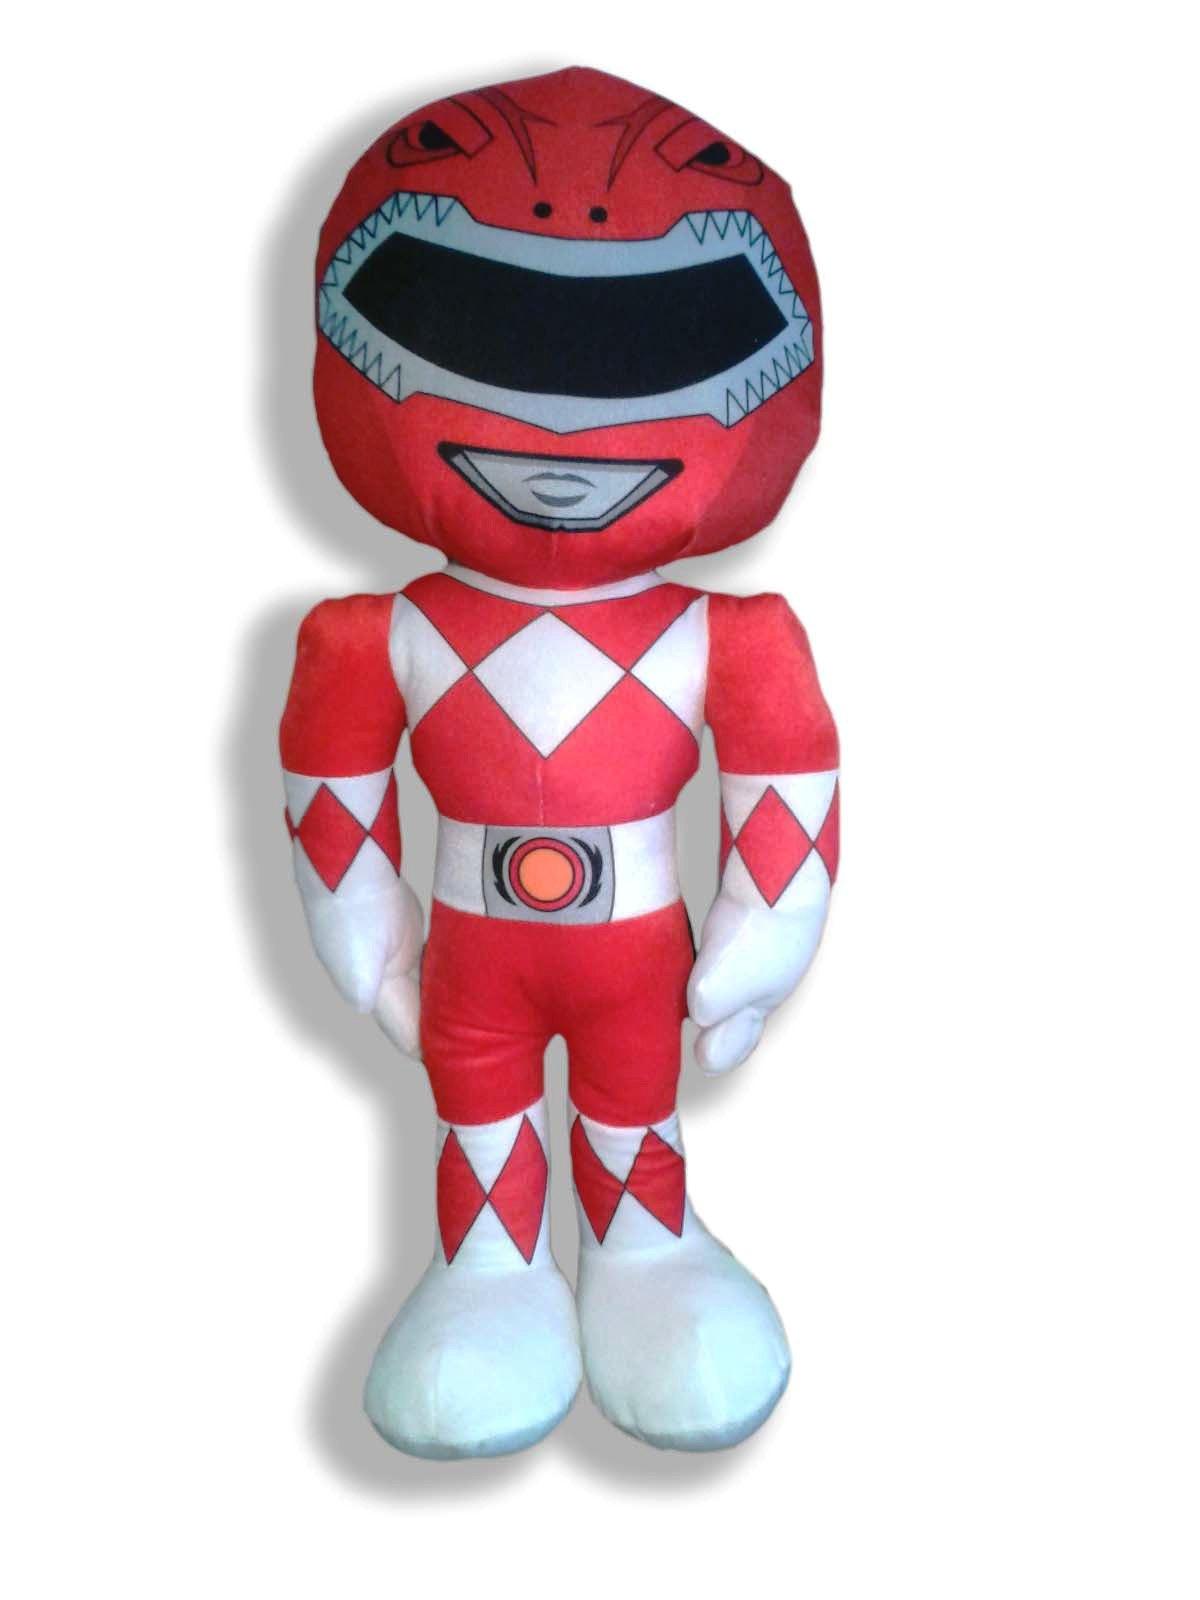 Power Ranger Rot großes Bild